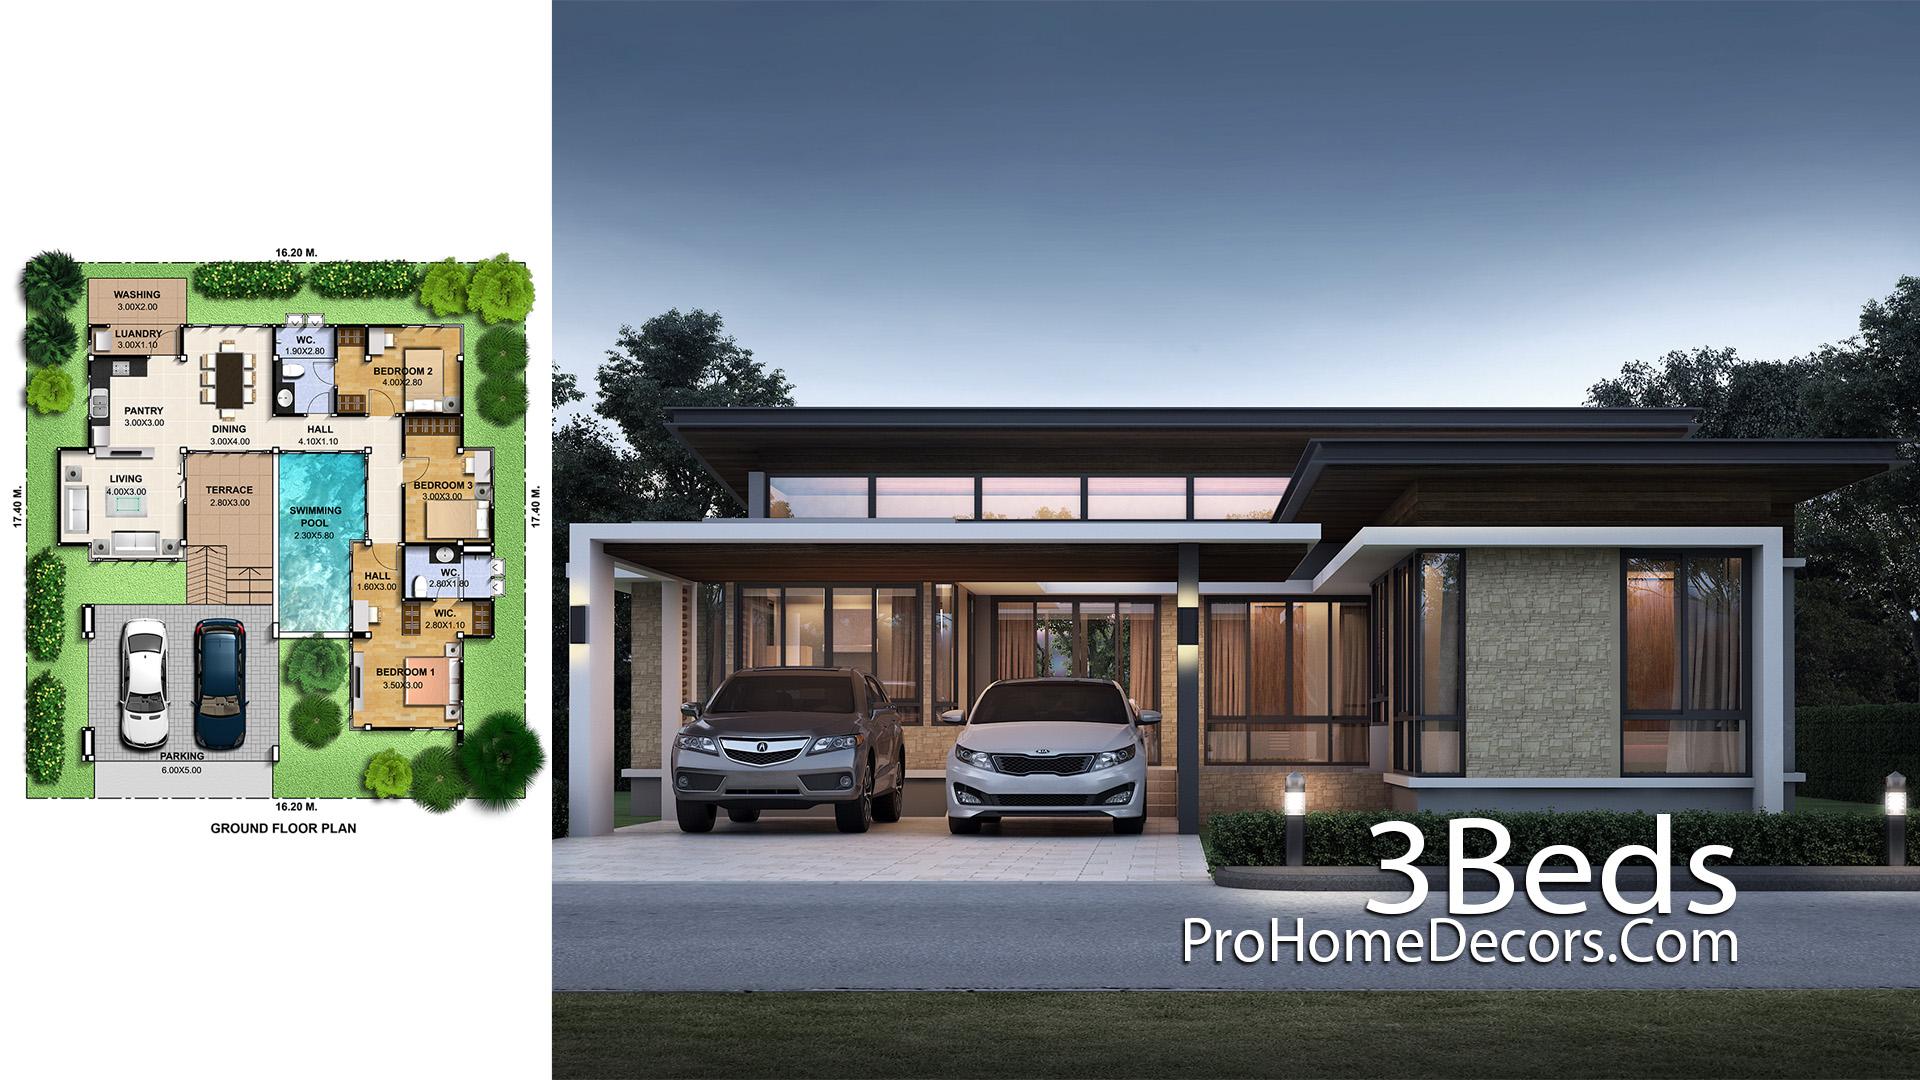 3 Bedrooms House Plan Plot 16x17 Meter